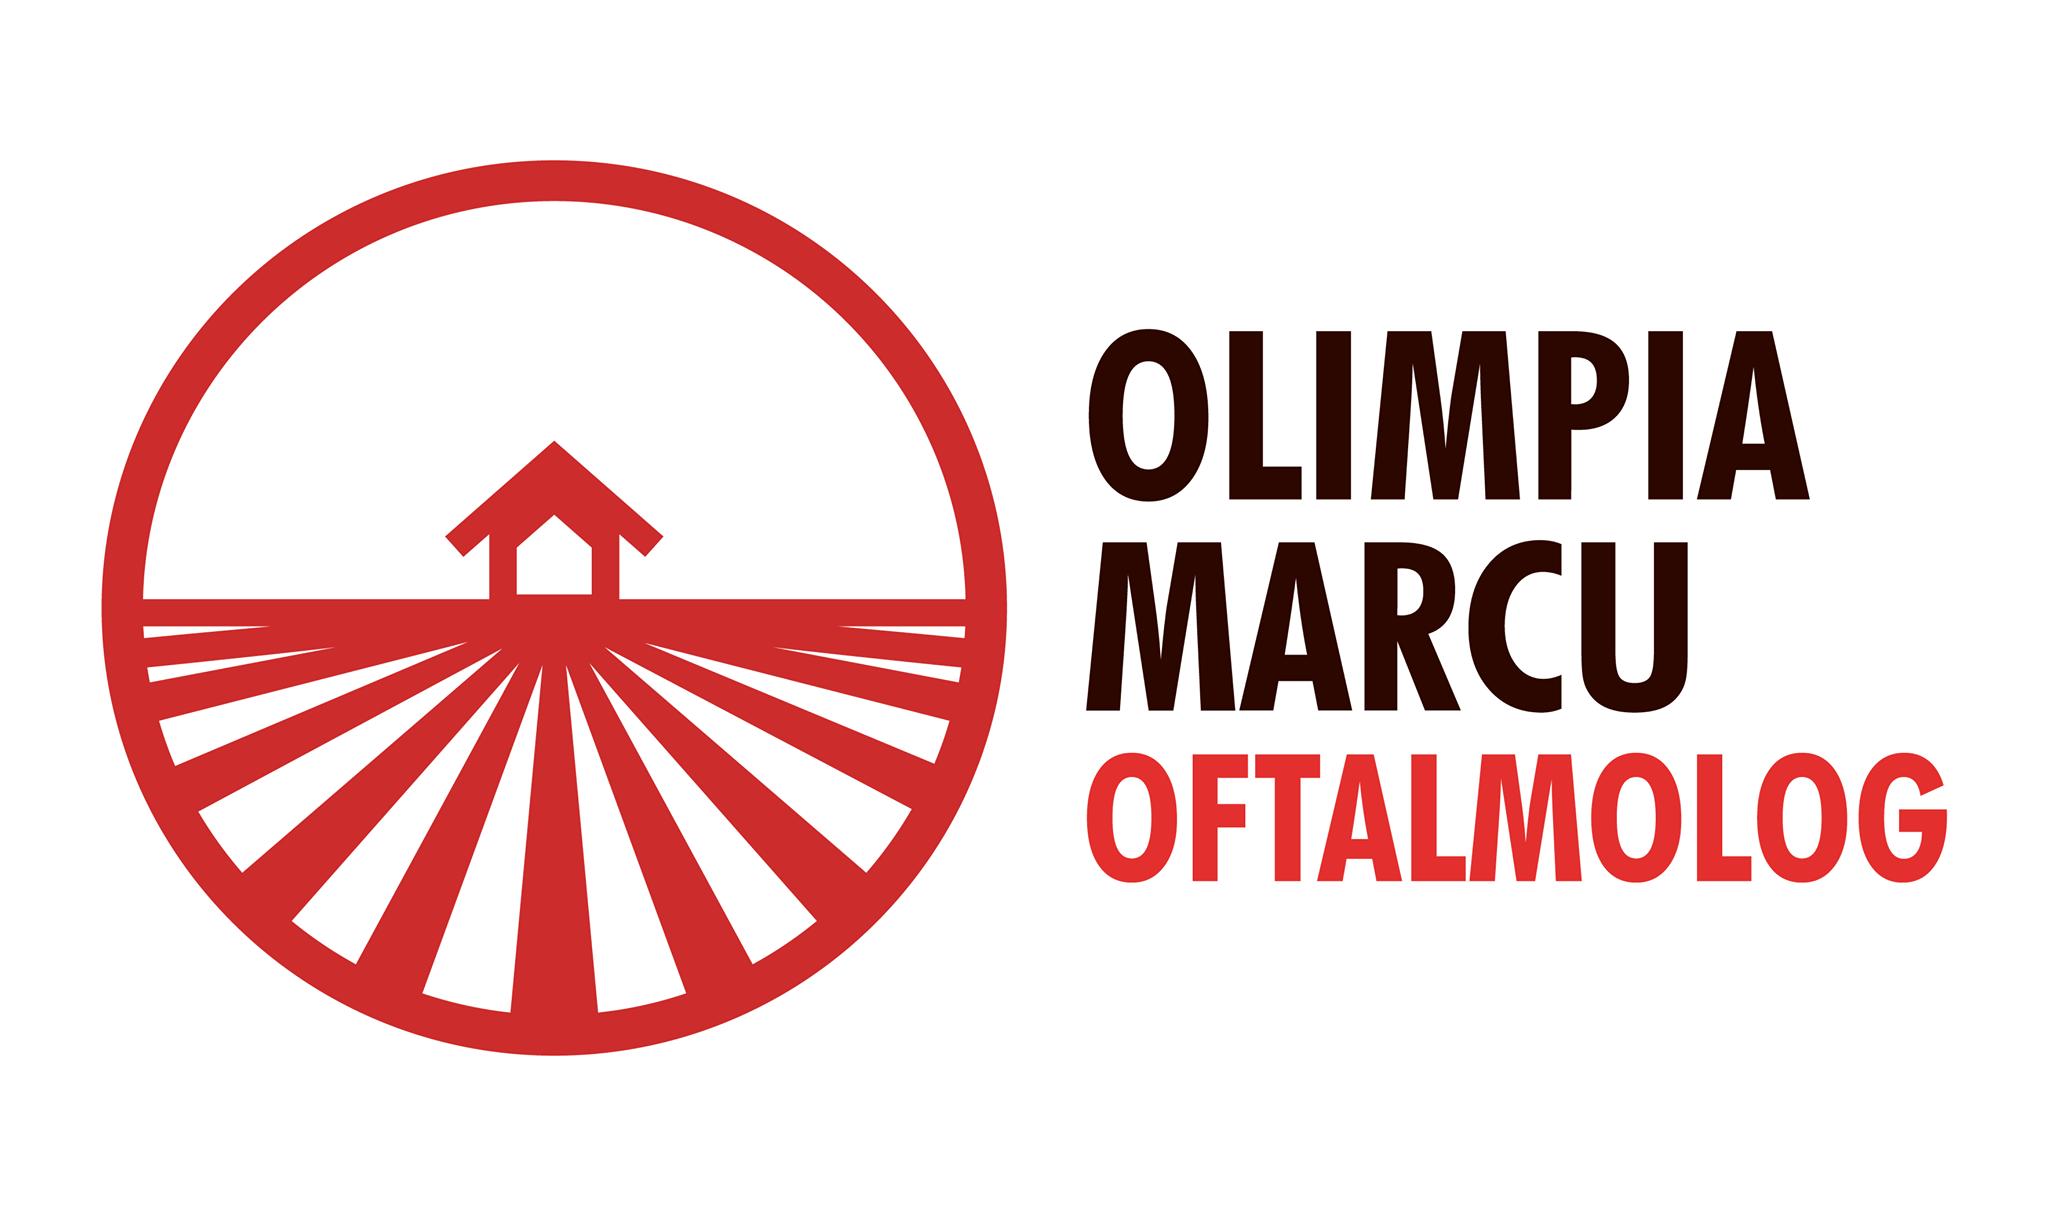 Olimpia Marcu Oftalmolog